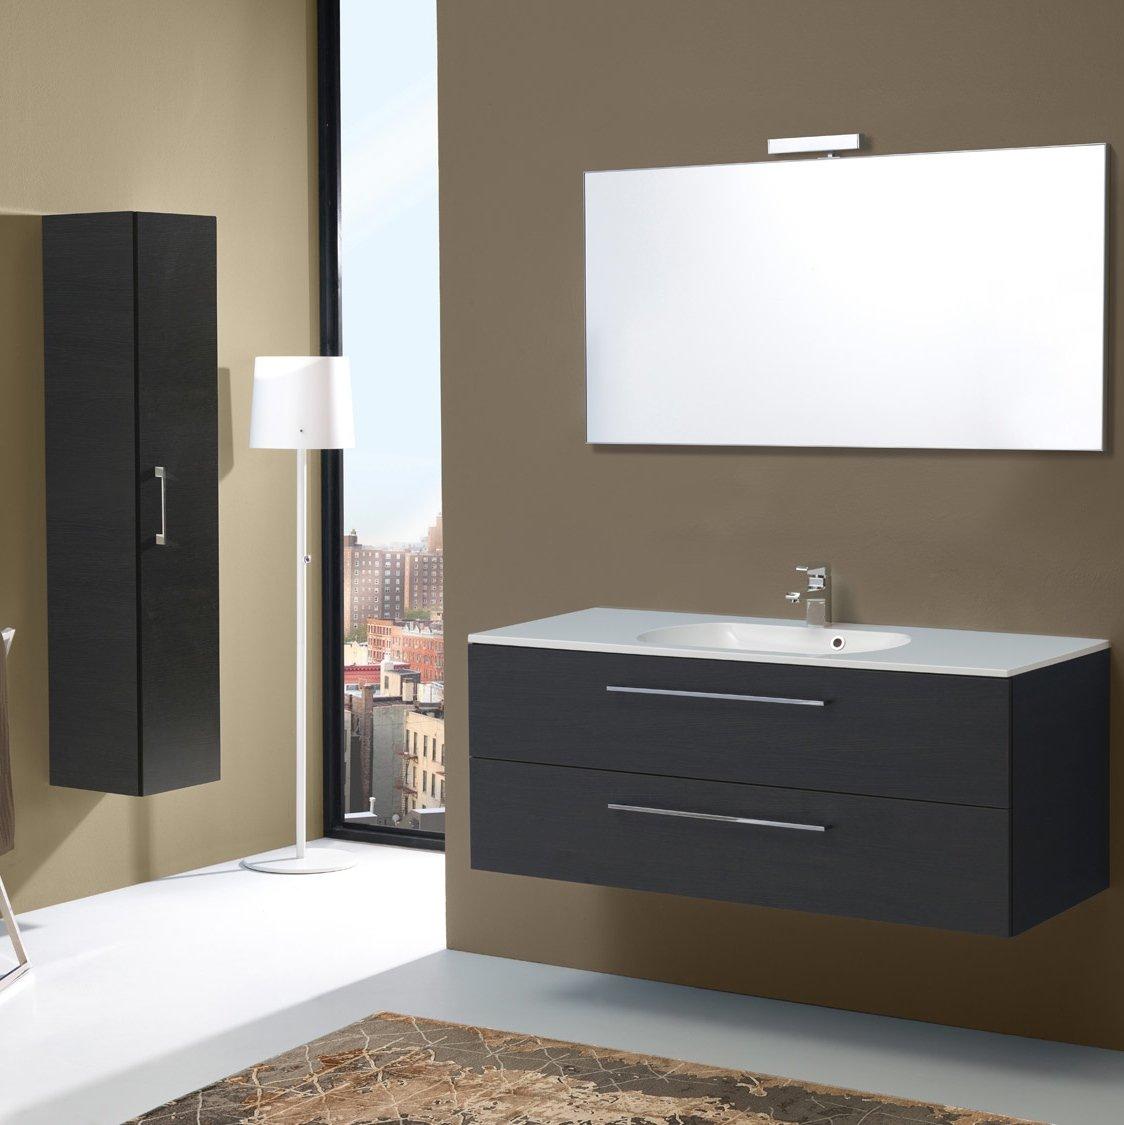 Mobile Lavandino Bagno Ikea Lavabo Bagno Ikea Download By Mobile